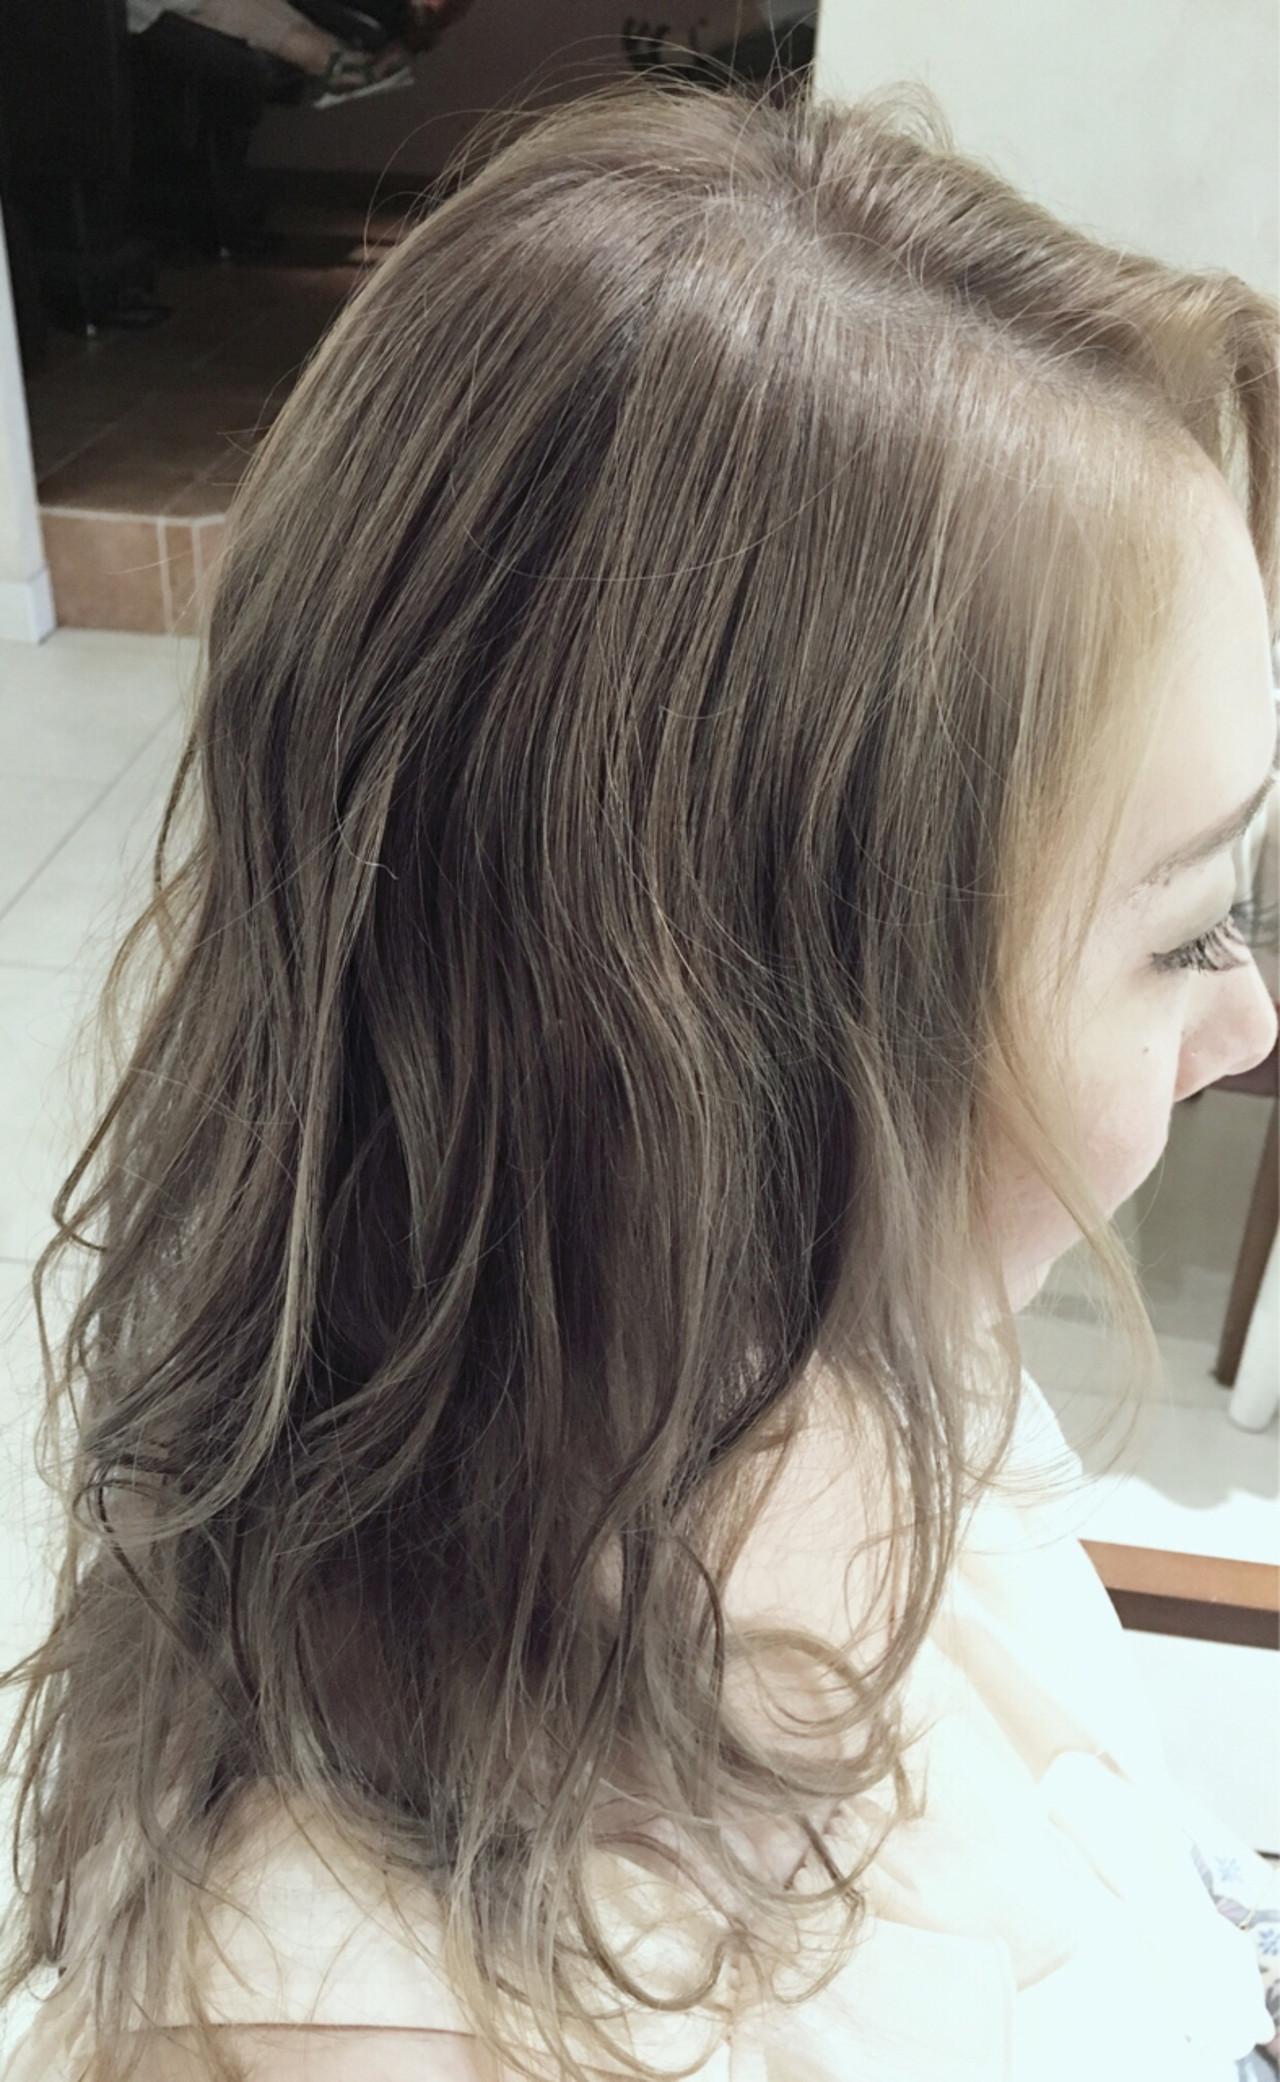 こなれ感 小顔 大人女子 ナチュラル ヘアスタイルや髪型の写真・画像 | 宮本 誉志成 / Euphoria SHIBUYA GRANDE